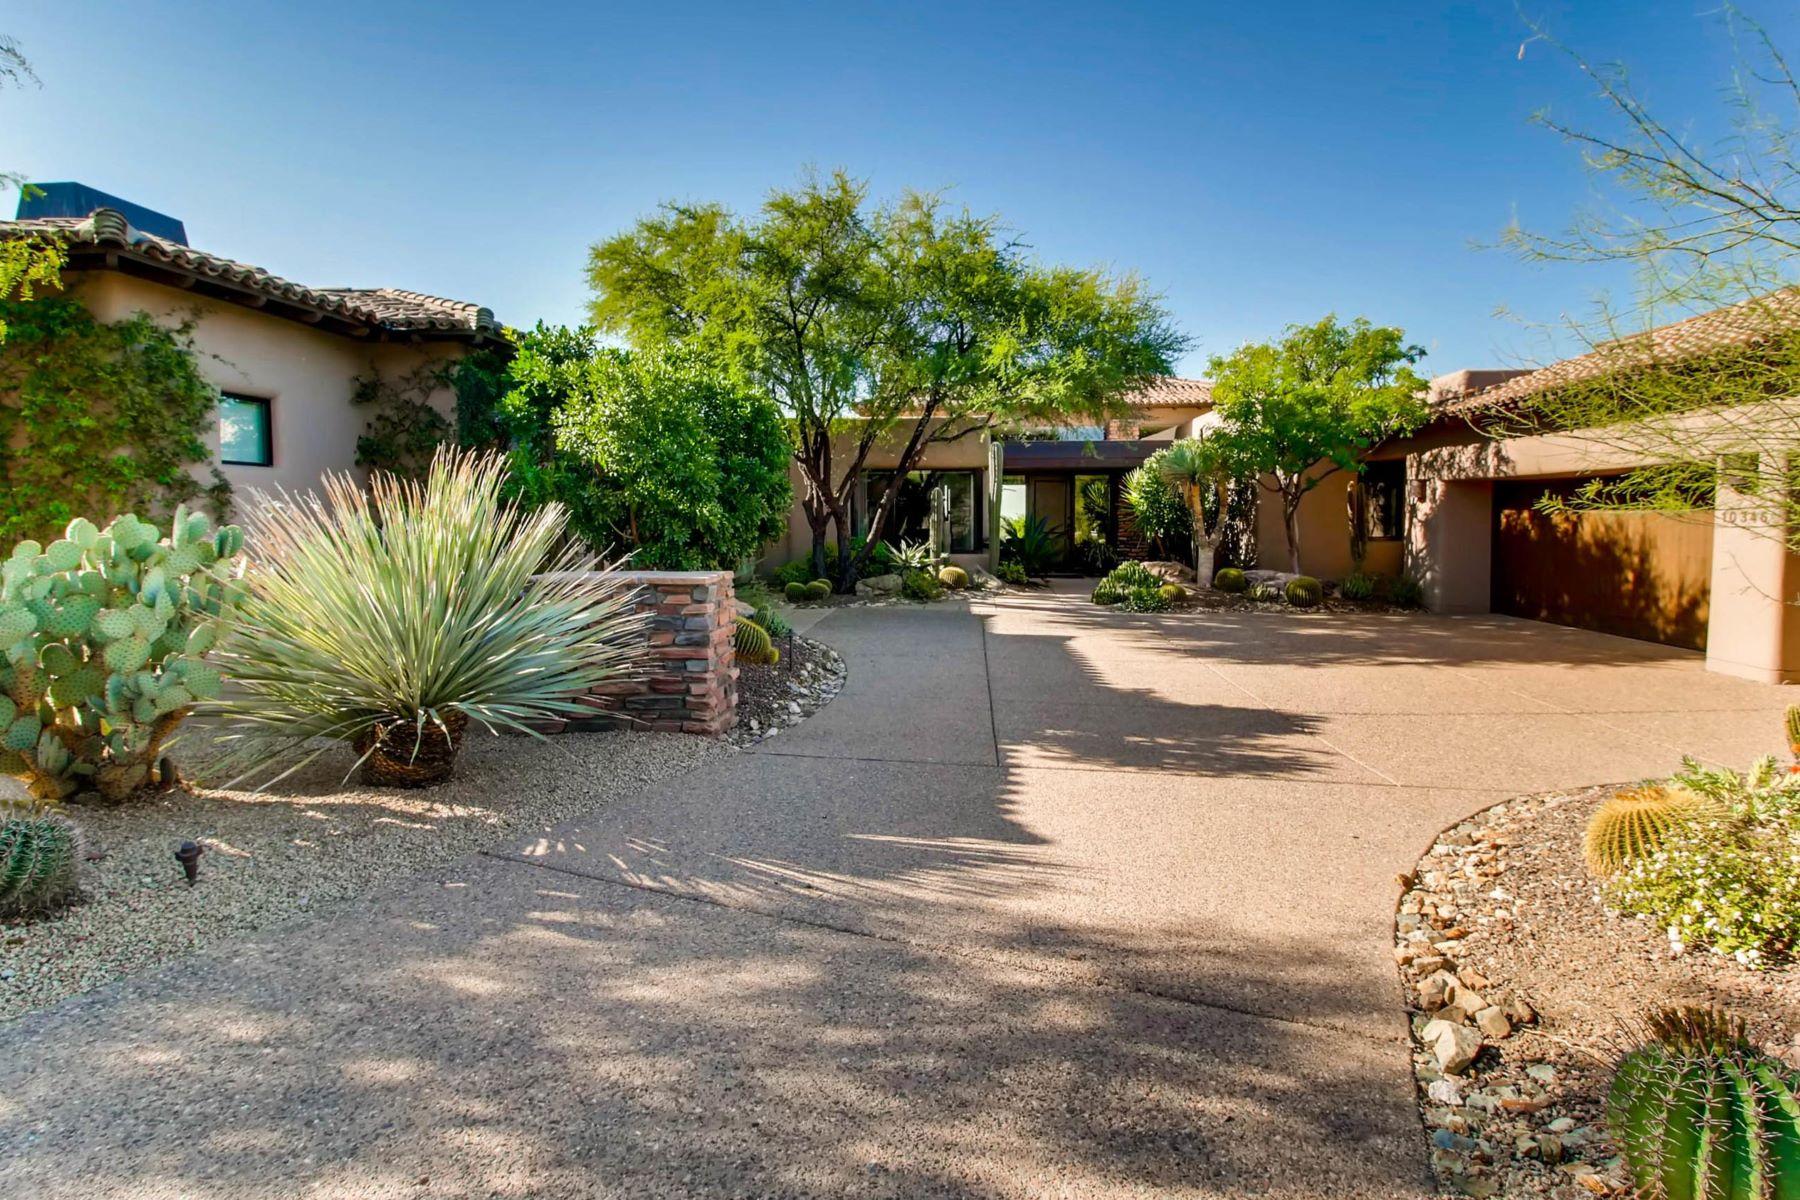 Maison unifamiliale pour l Vente à One Of A Kind Upgraded Home 10346 E Nolina Trl, Scottsdale, Arizona, 85262 États-Unis